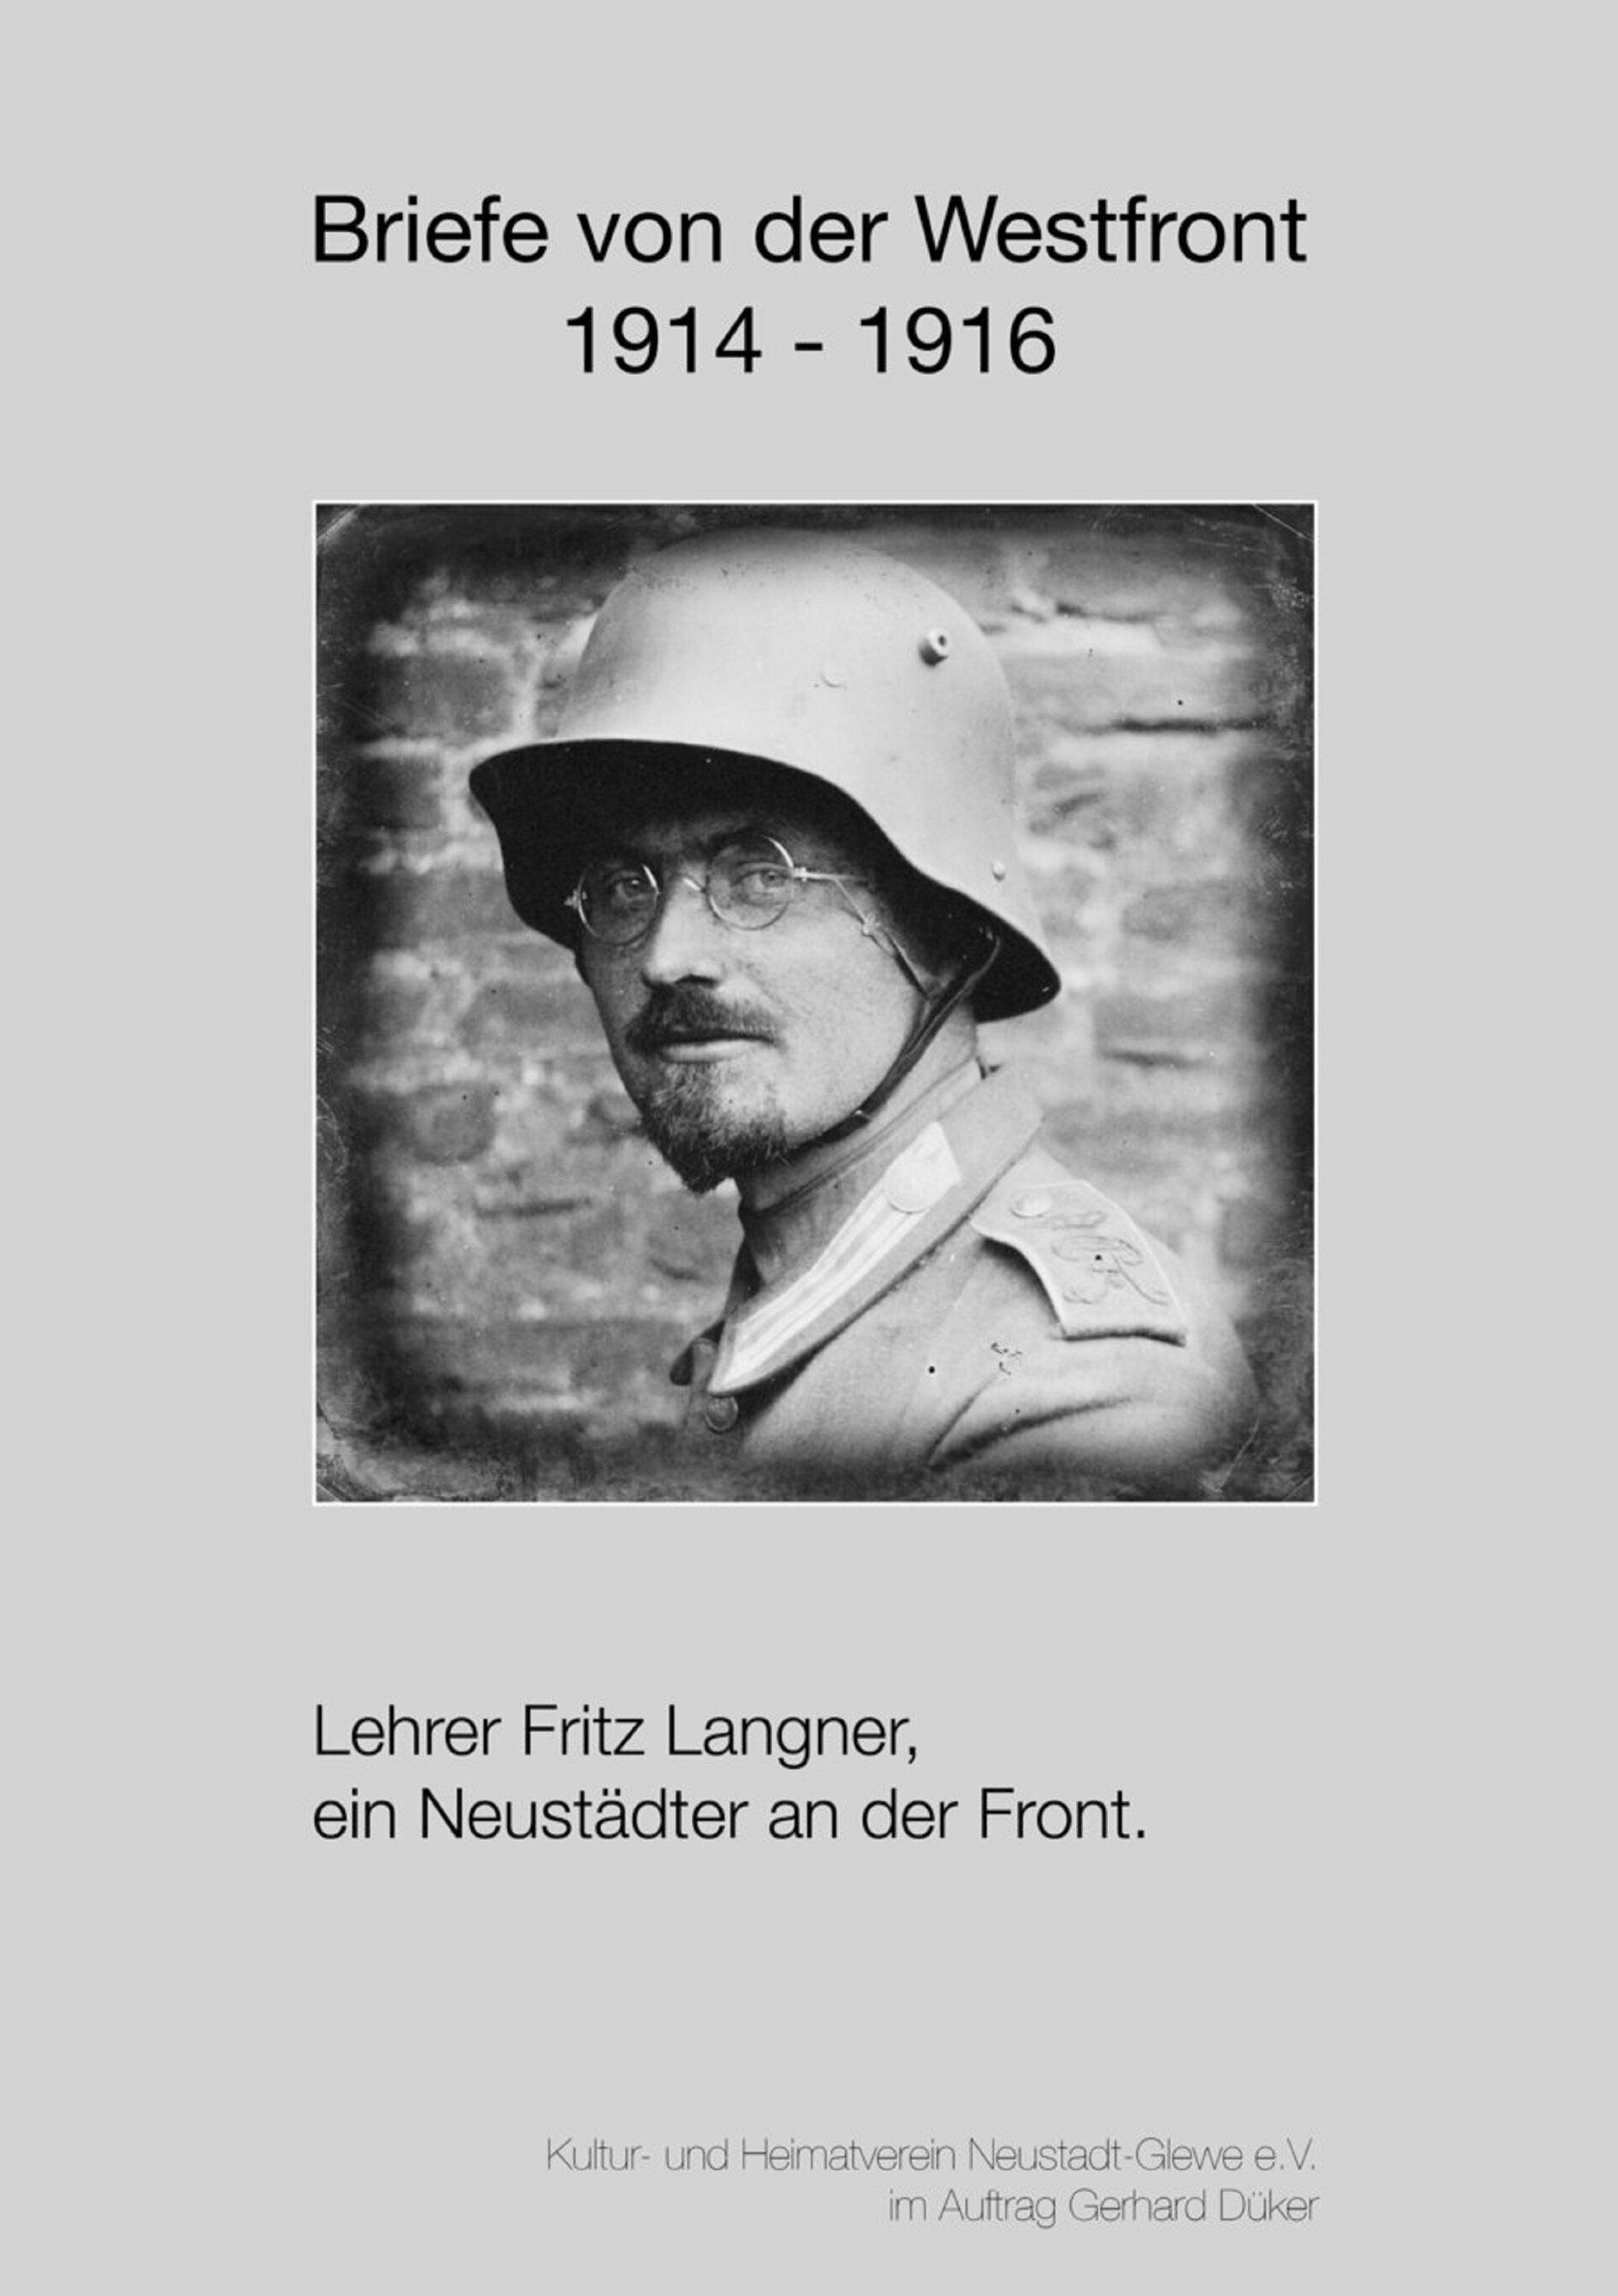 Bilder von der Westfront 1914 - 1916